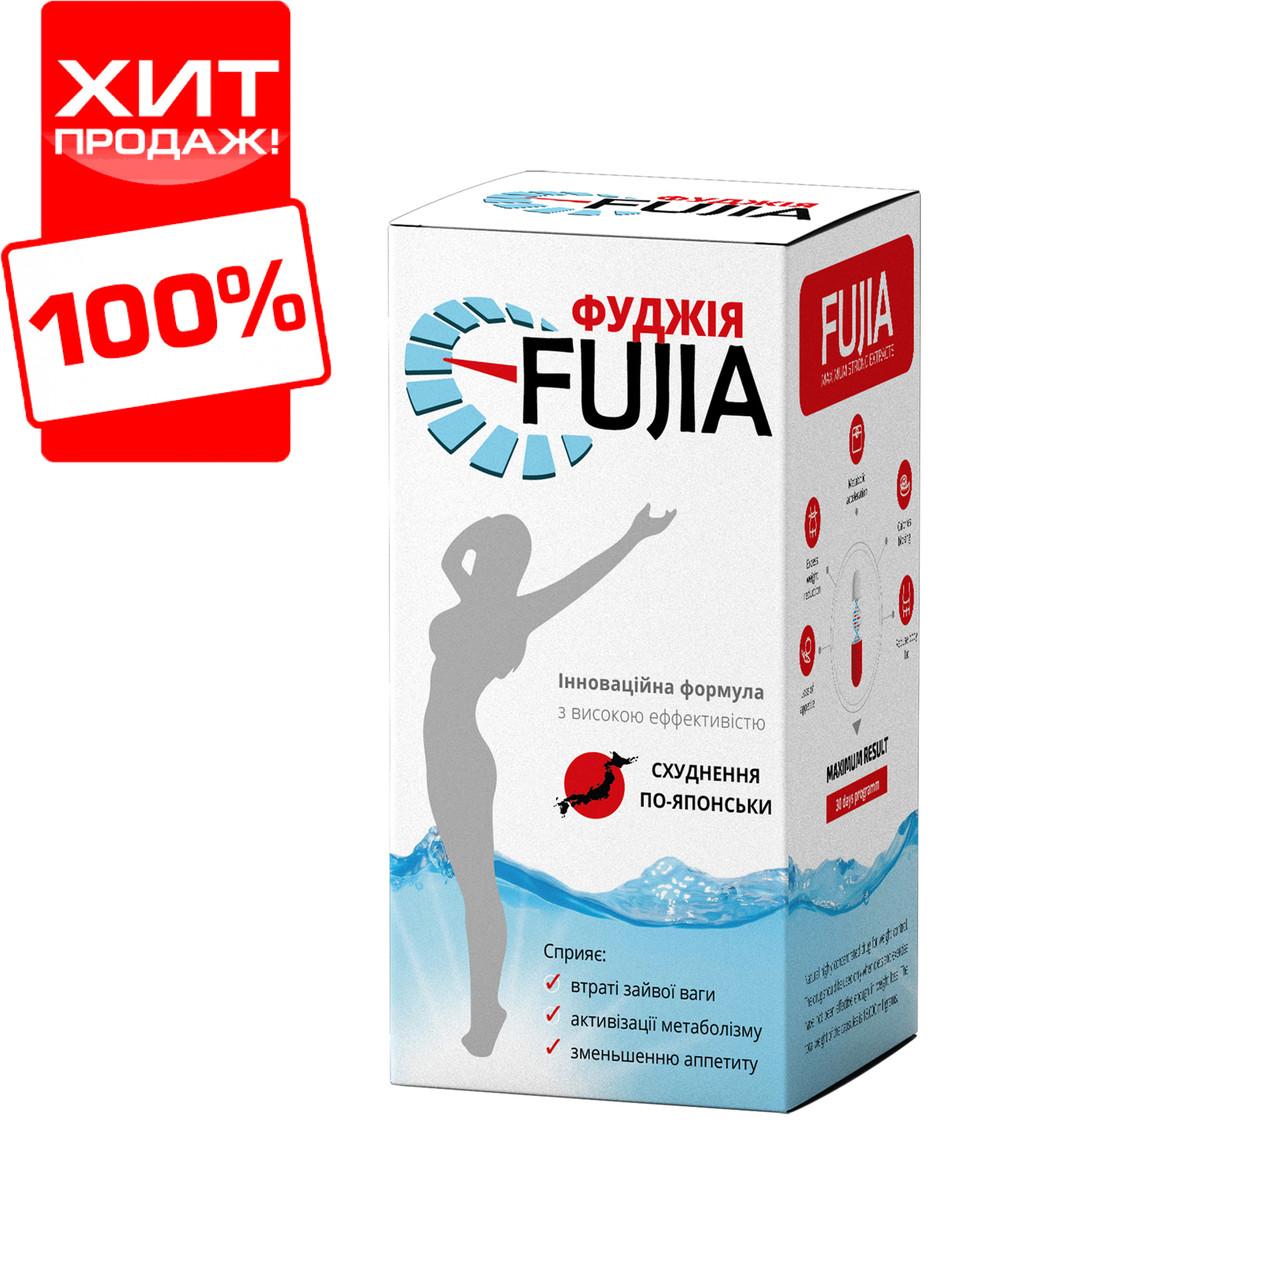 Капсулы ФУДЖИЯ №60, для похудения, снижения веса, стройности